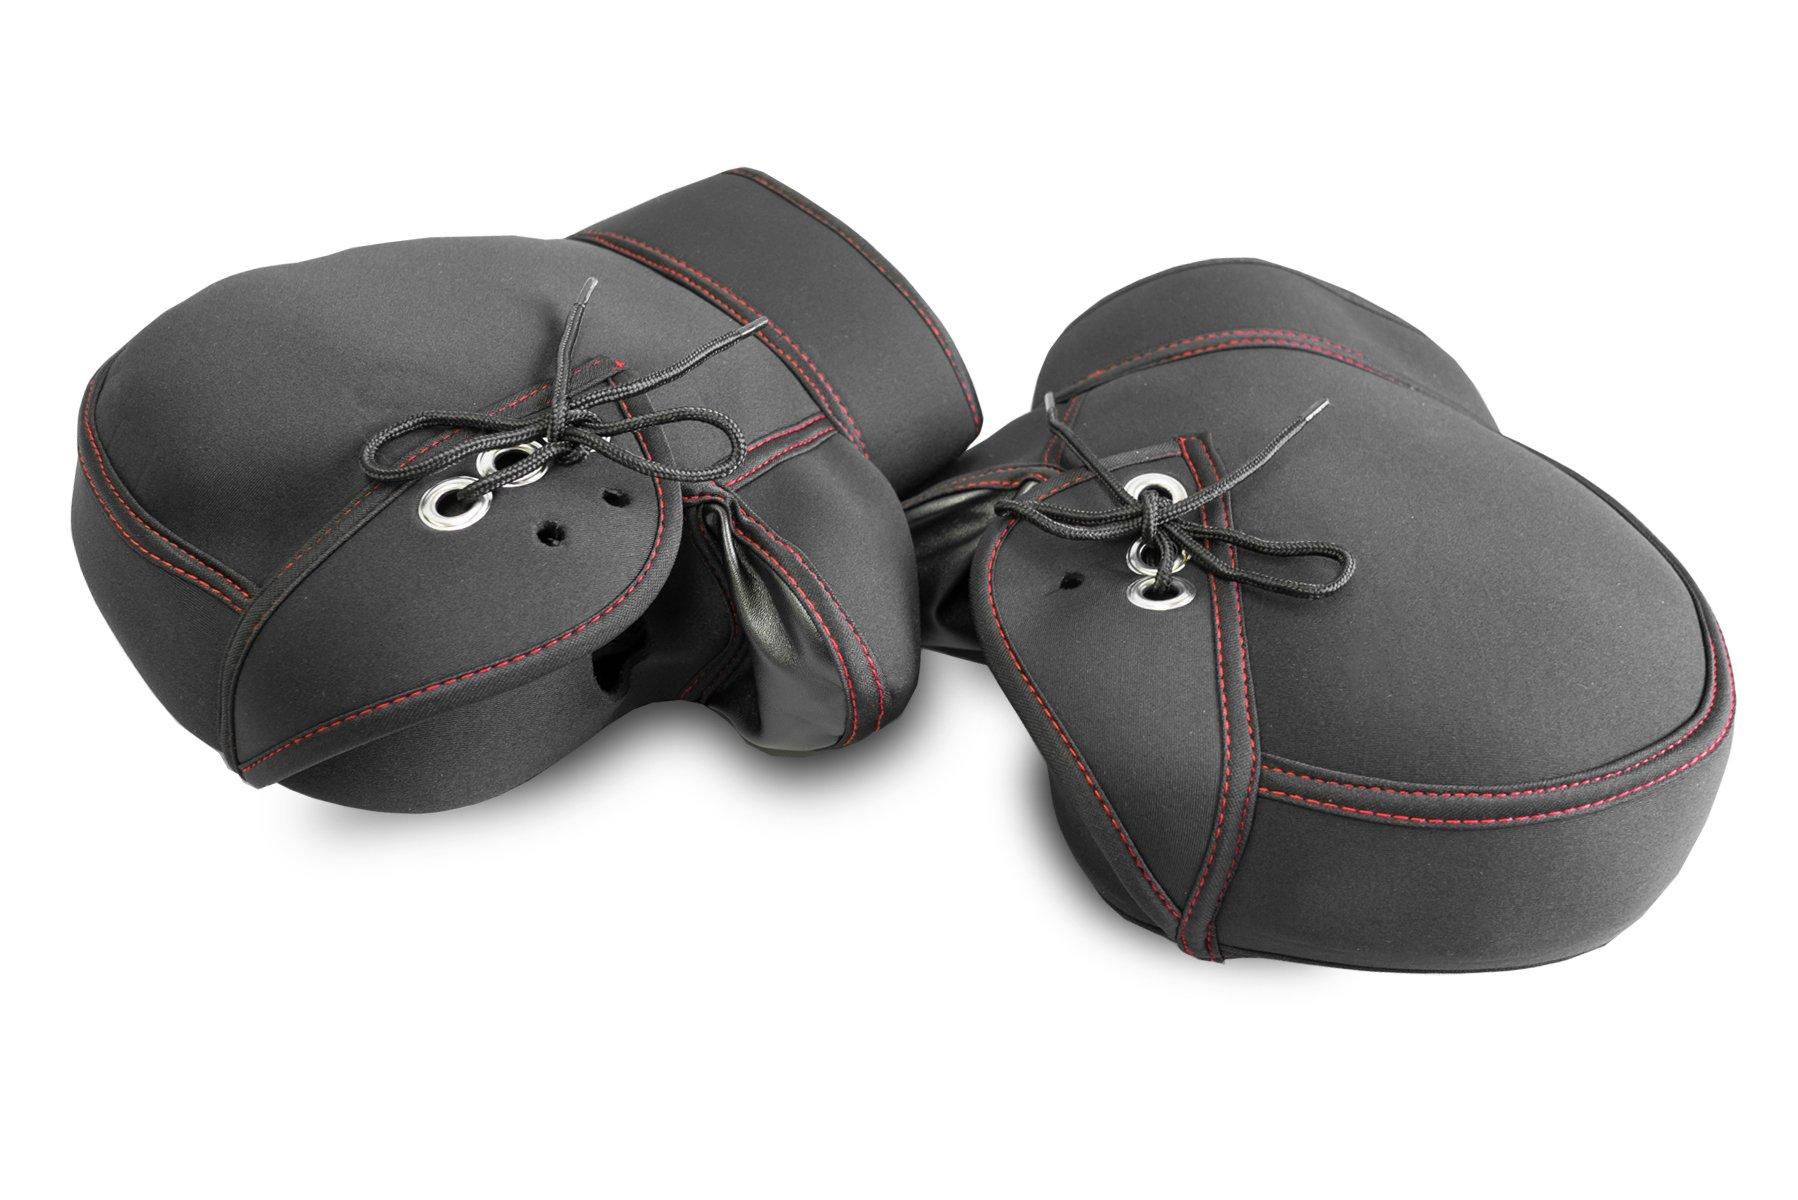 OSS ( 大阪繊維資材 ) ネオプレーン 防寒防水ハンドルカバー ブラック 保温性抜群 WNHC-03